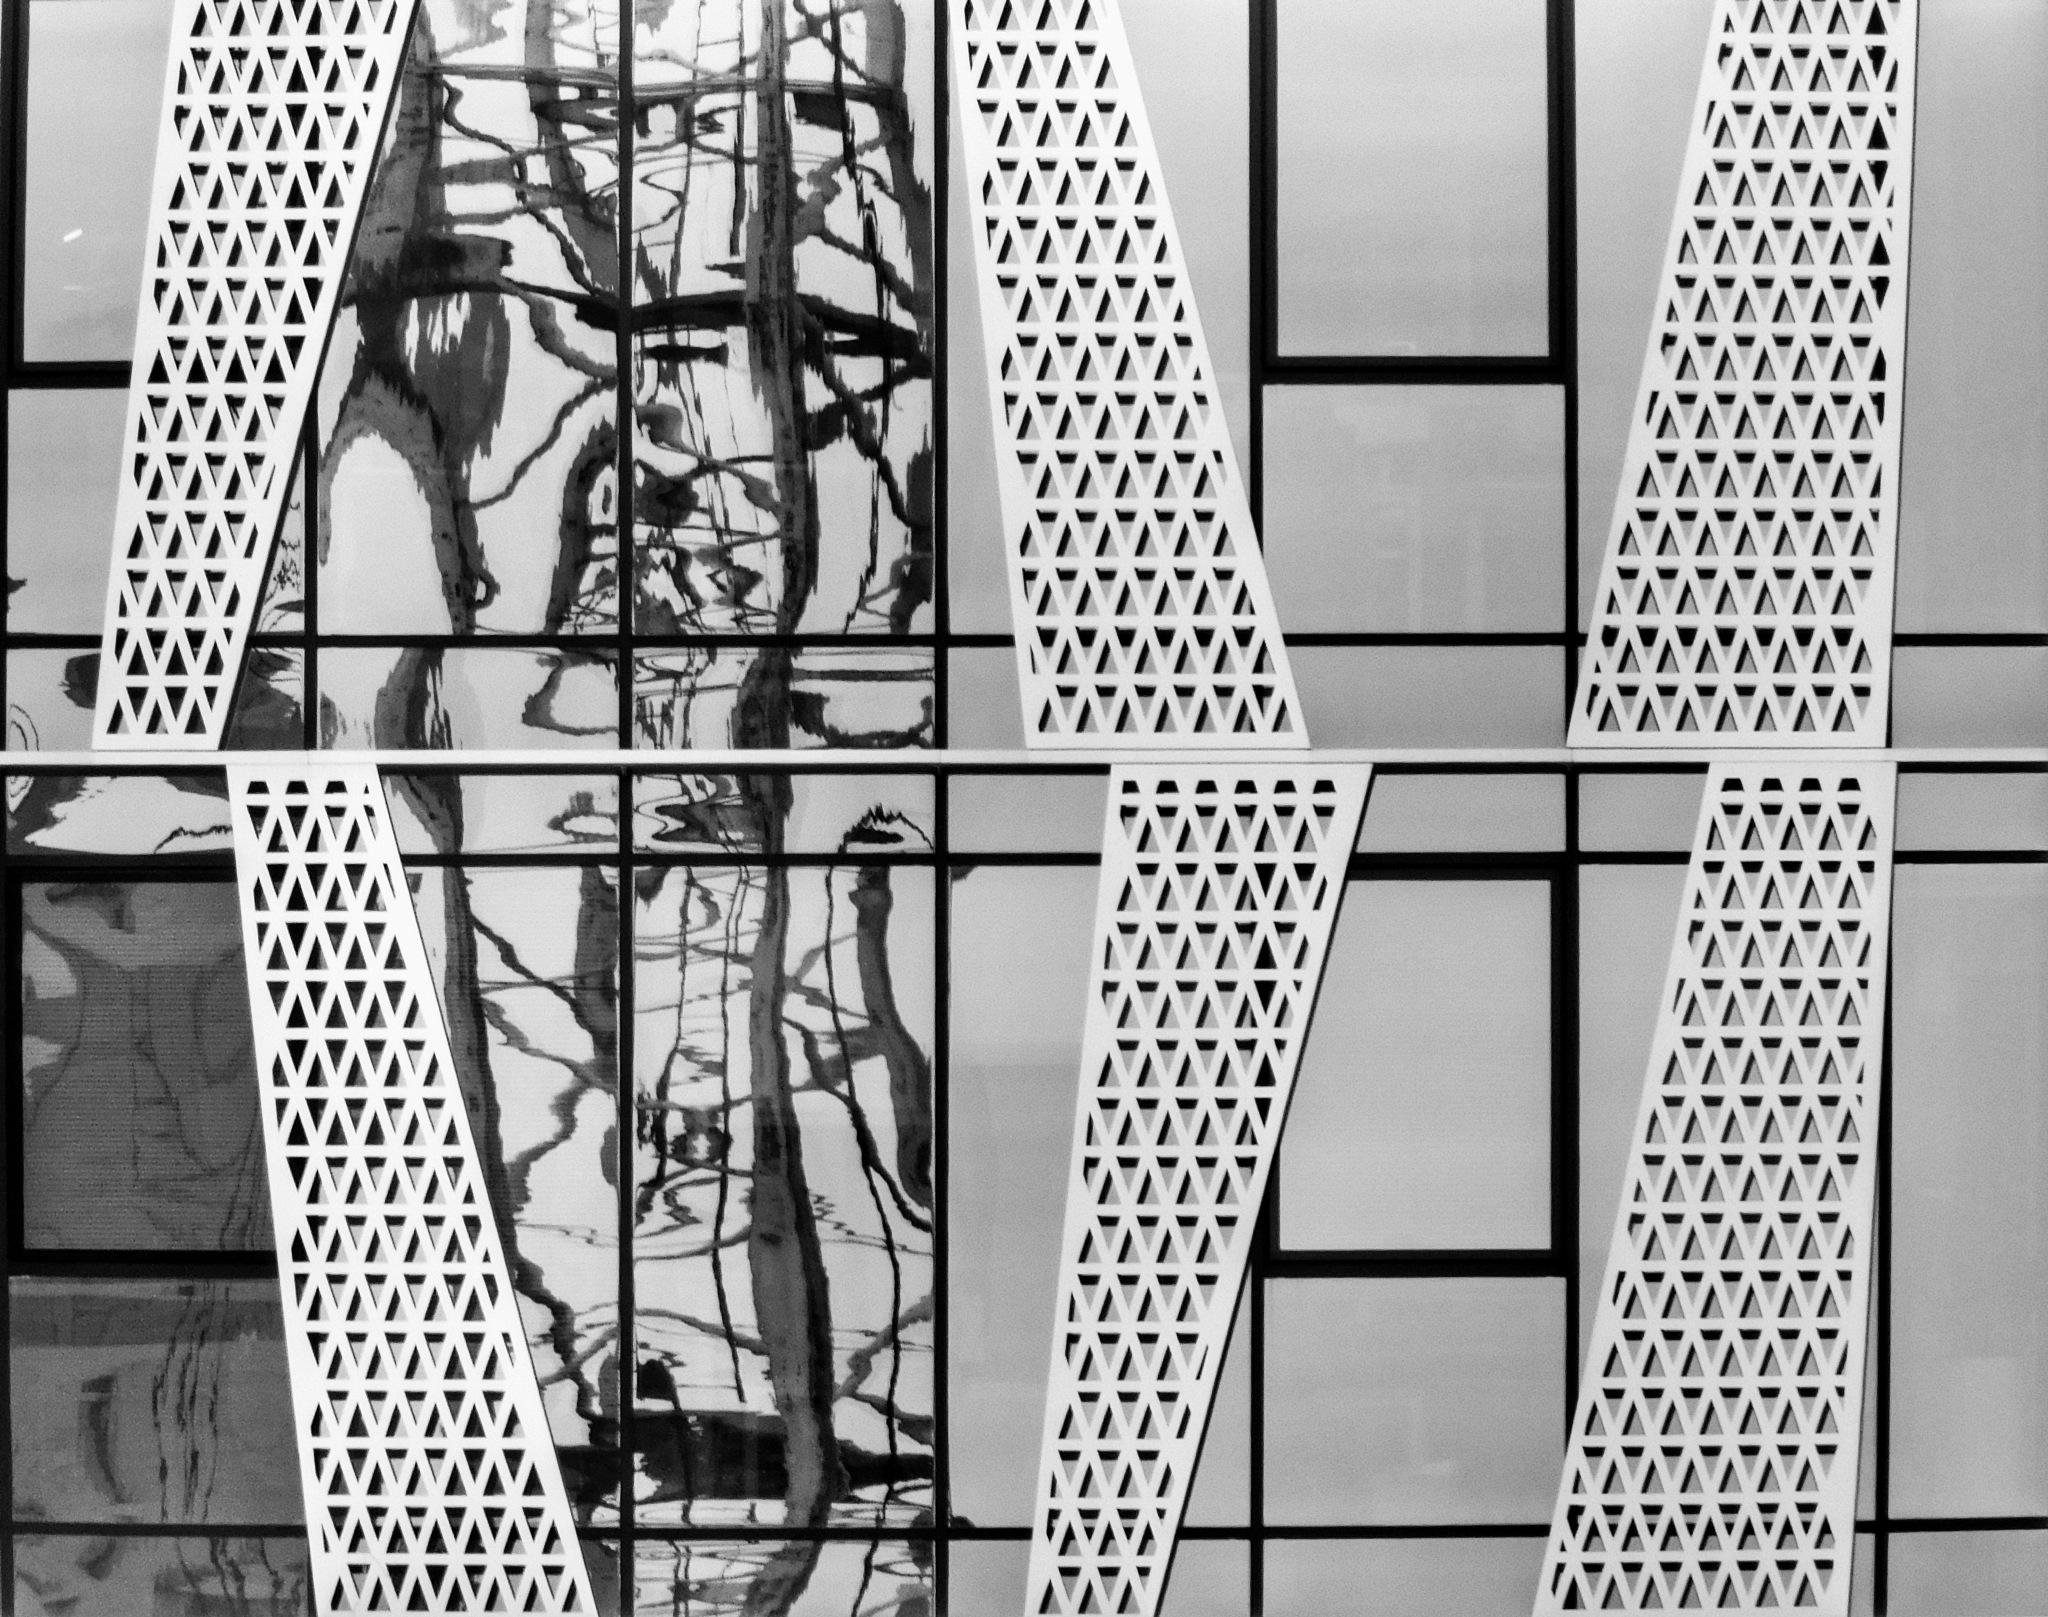 mirror by Grzegorz Skwarliński